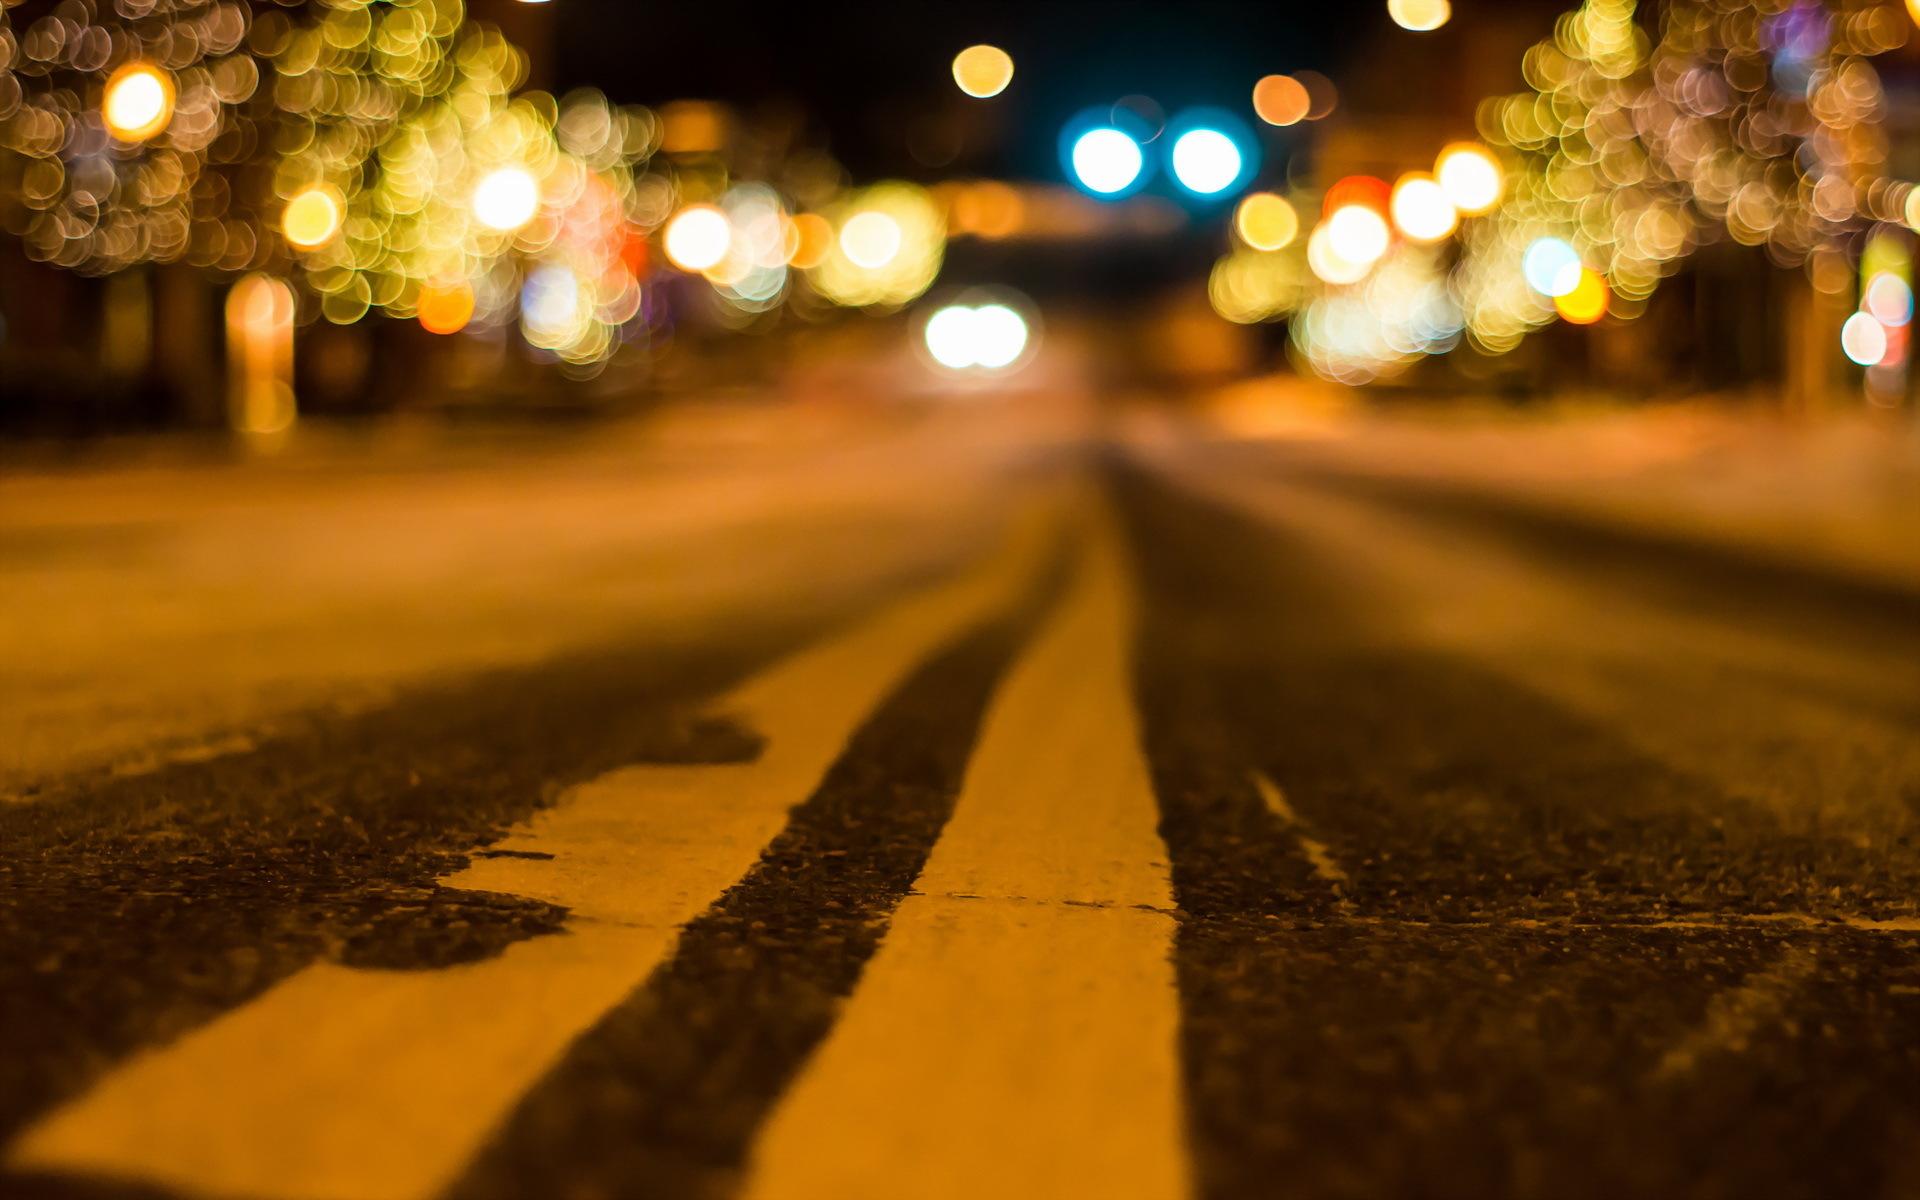 Hình ảnh Bokeh đường phố